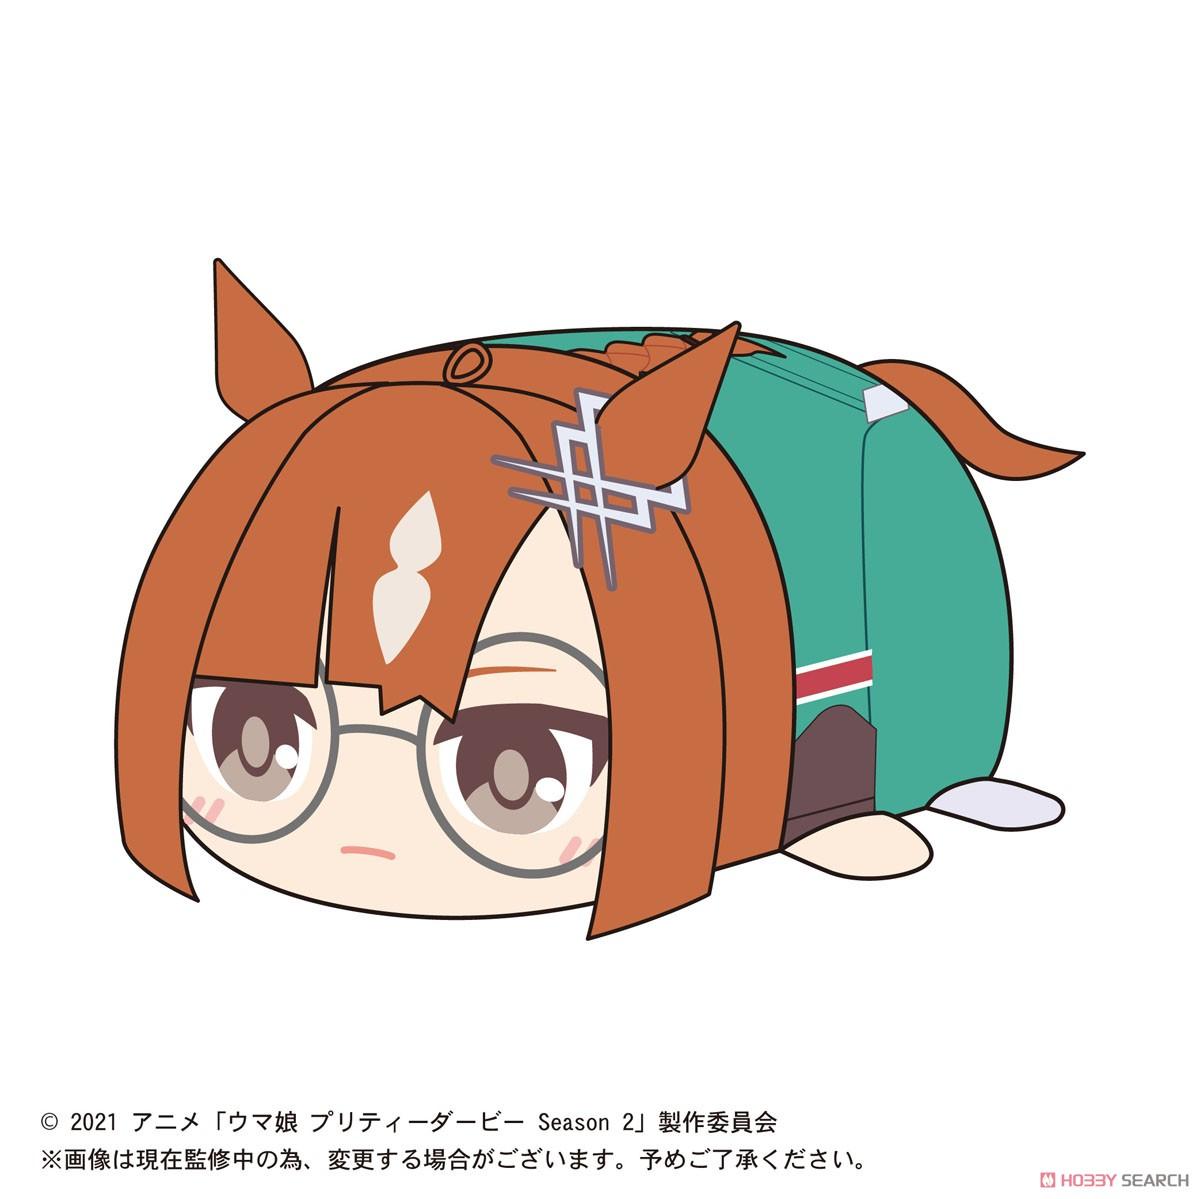 ウマ娘『TVアニメ ウマ娘 プリティーダービー Season2 ぽてコロマスコット』8個入りBOX-009